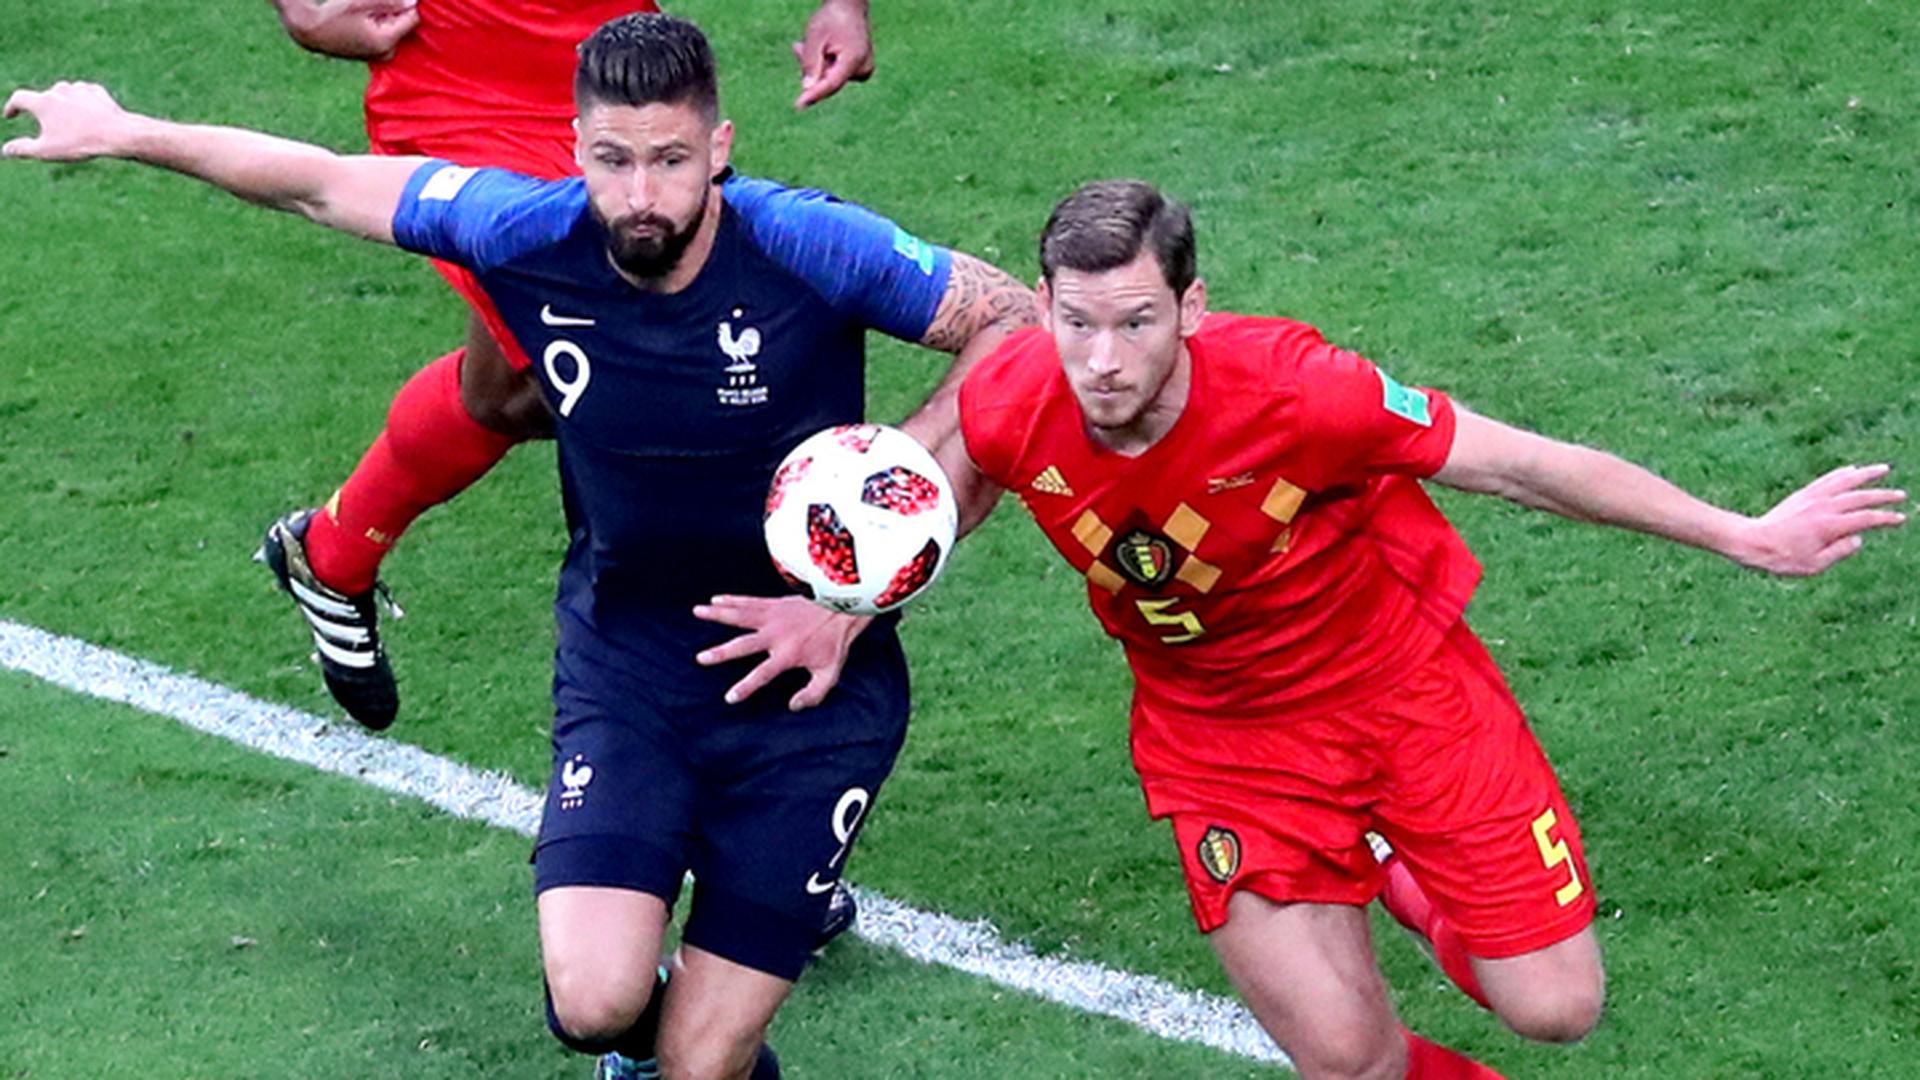 В матче сборных Франции и Бельгии  0:0 после первого тайма